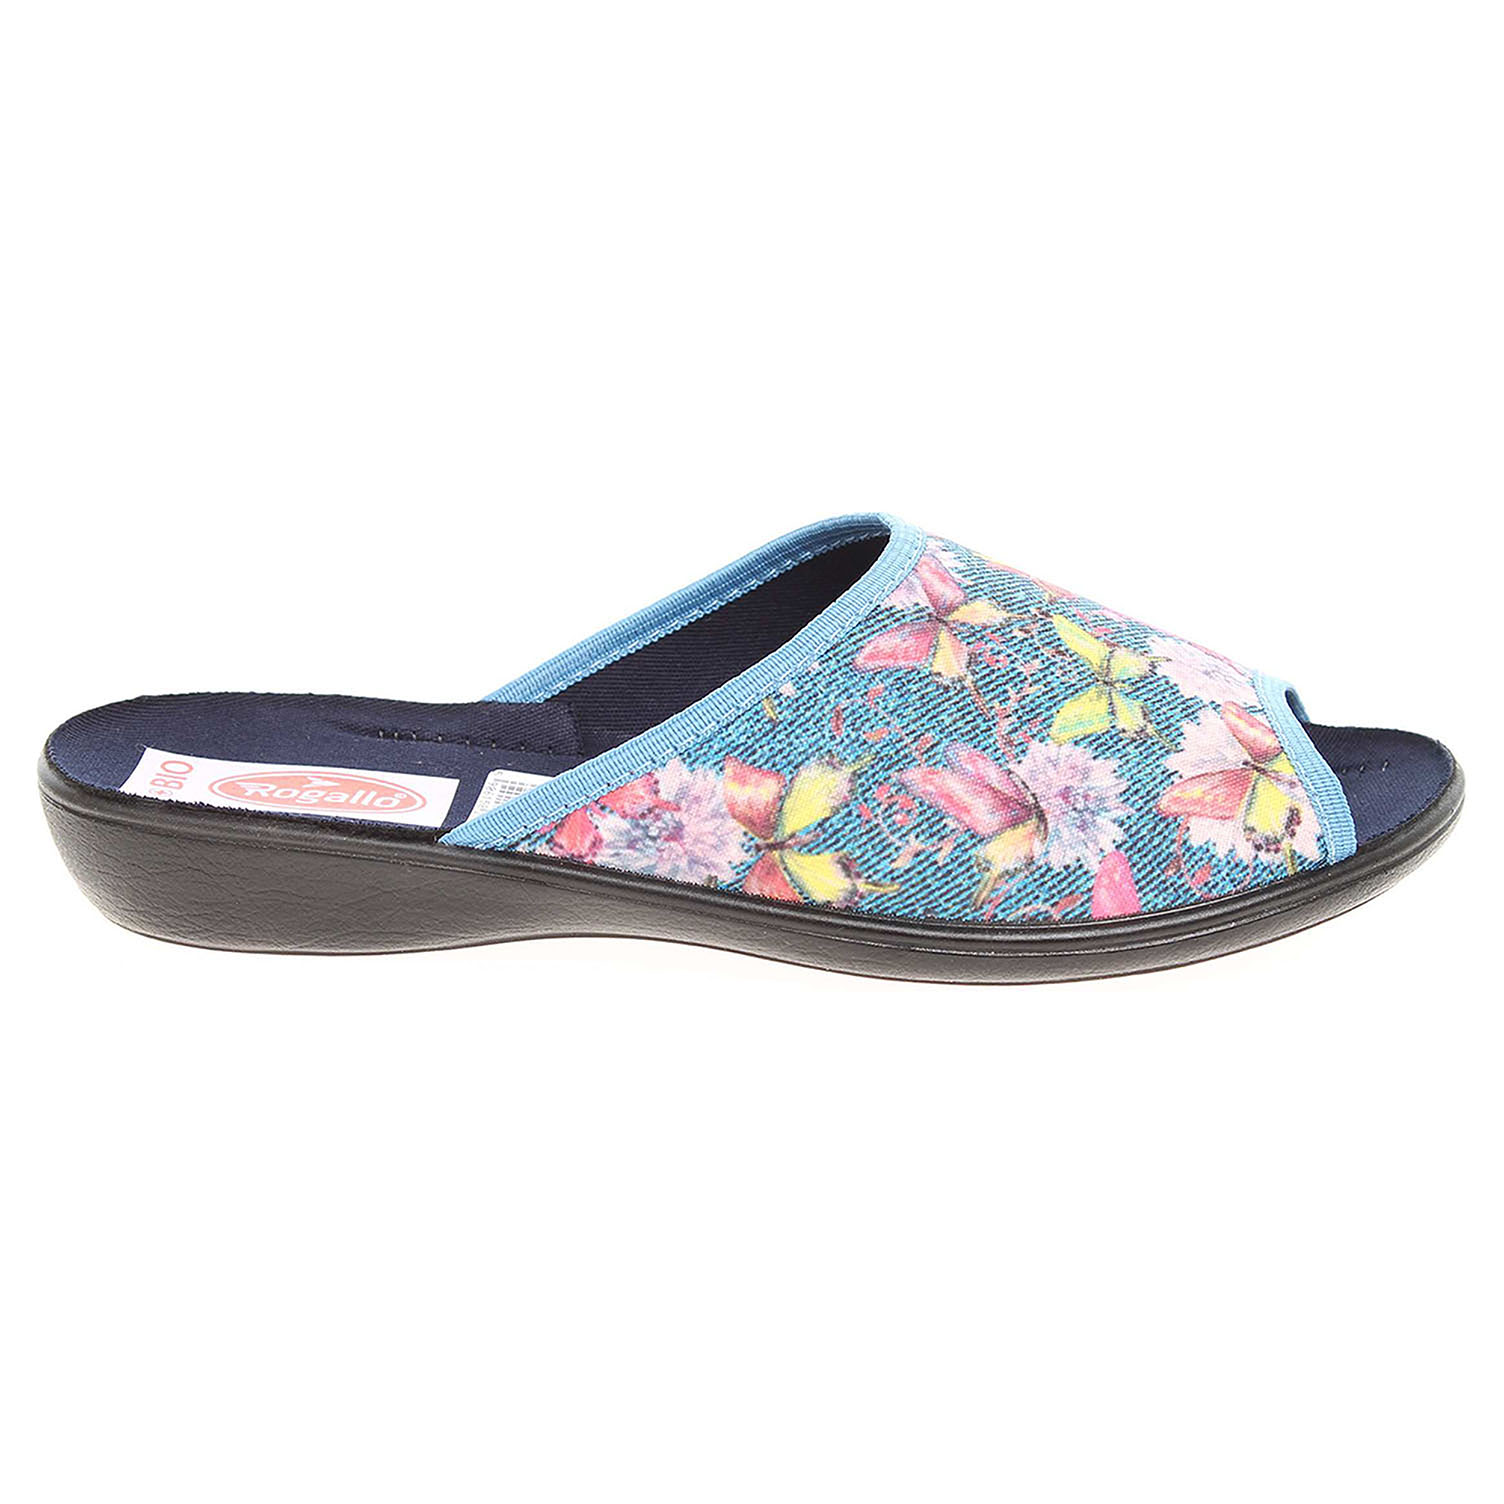 Rogallo dámské pantofle 21510 modré 41